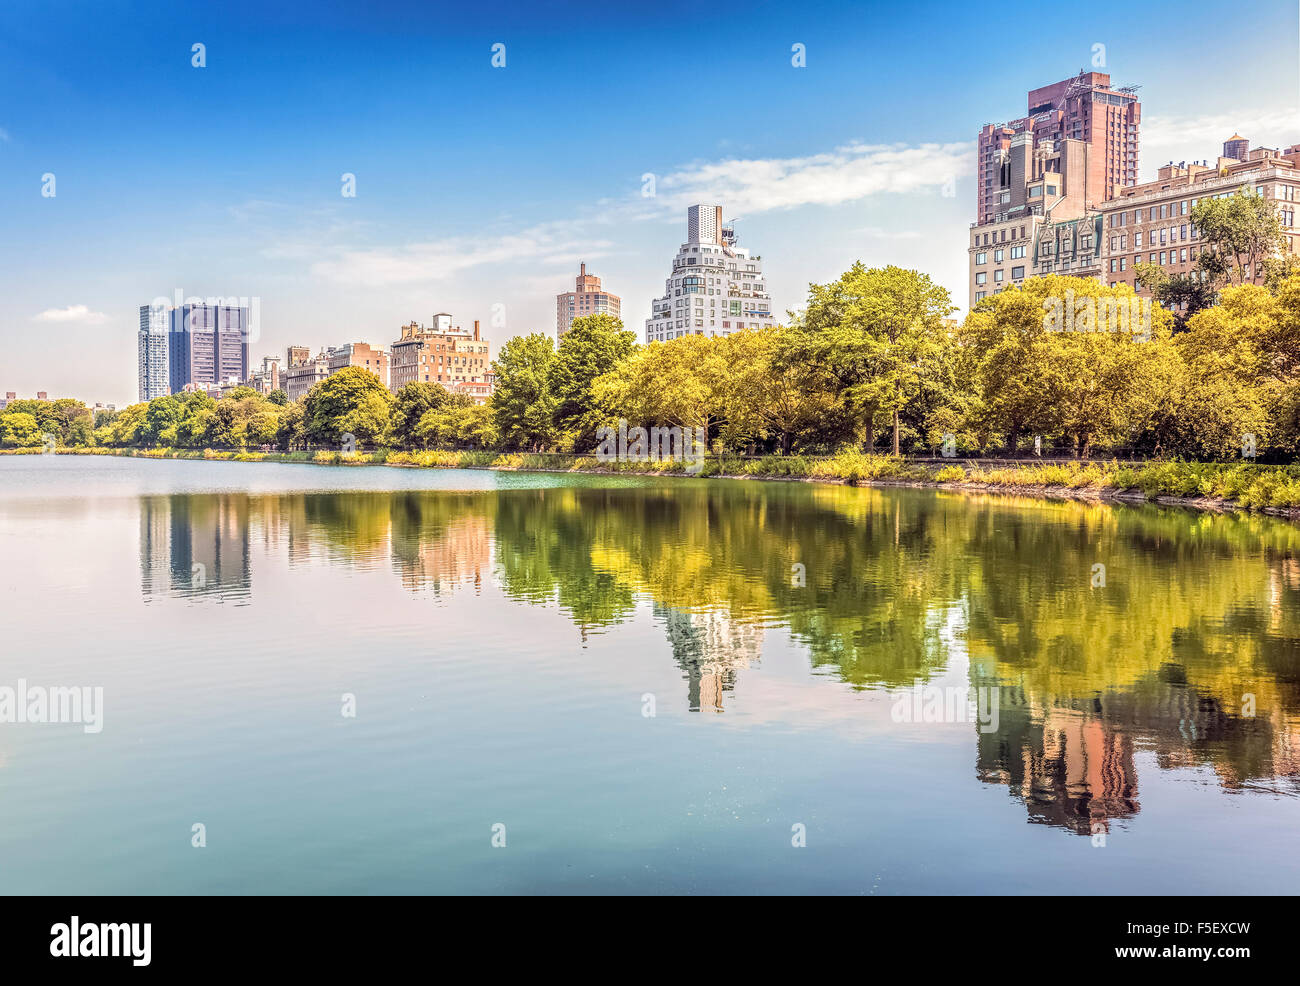 Central Park spiegelt sich im See, New York City, USA. Stockbild